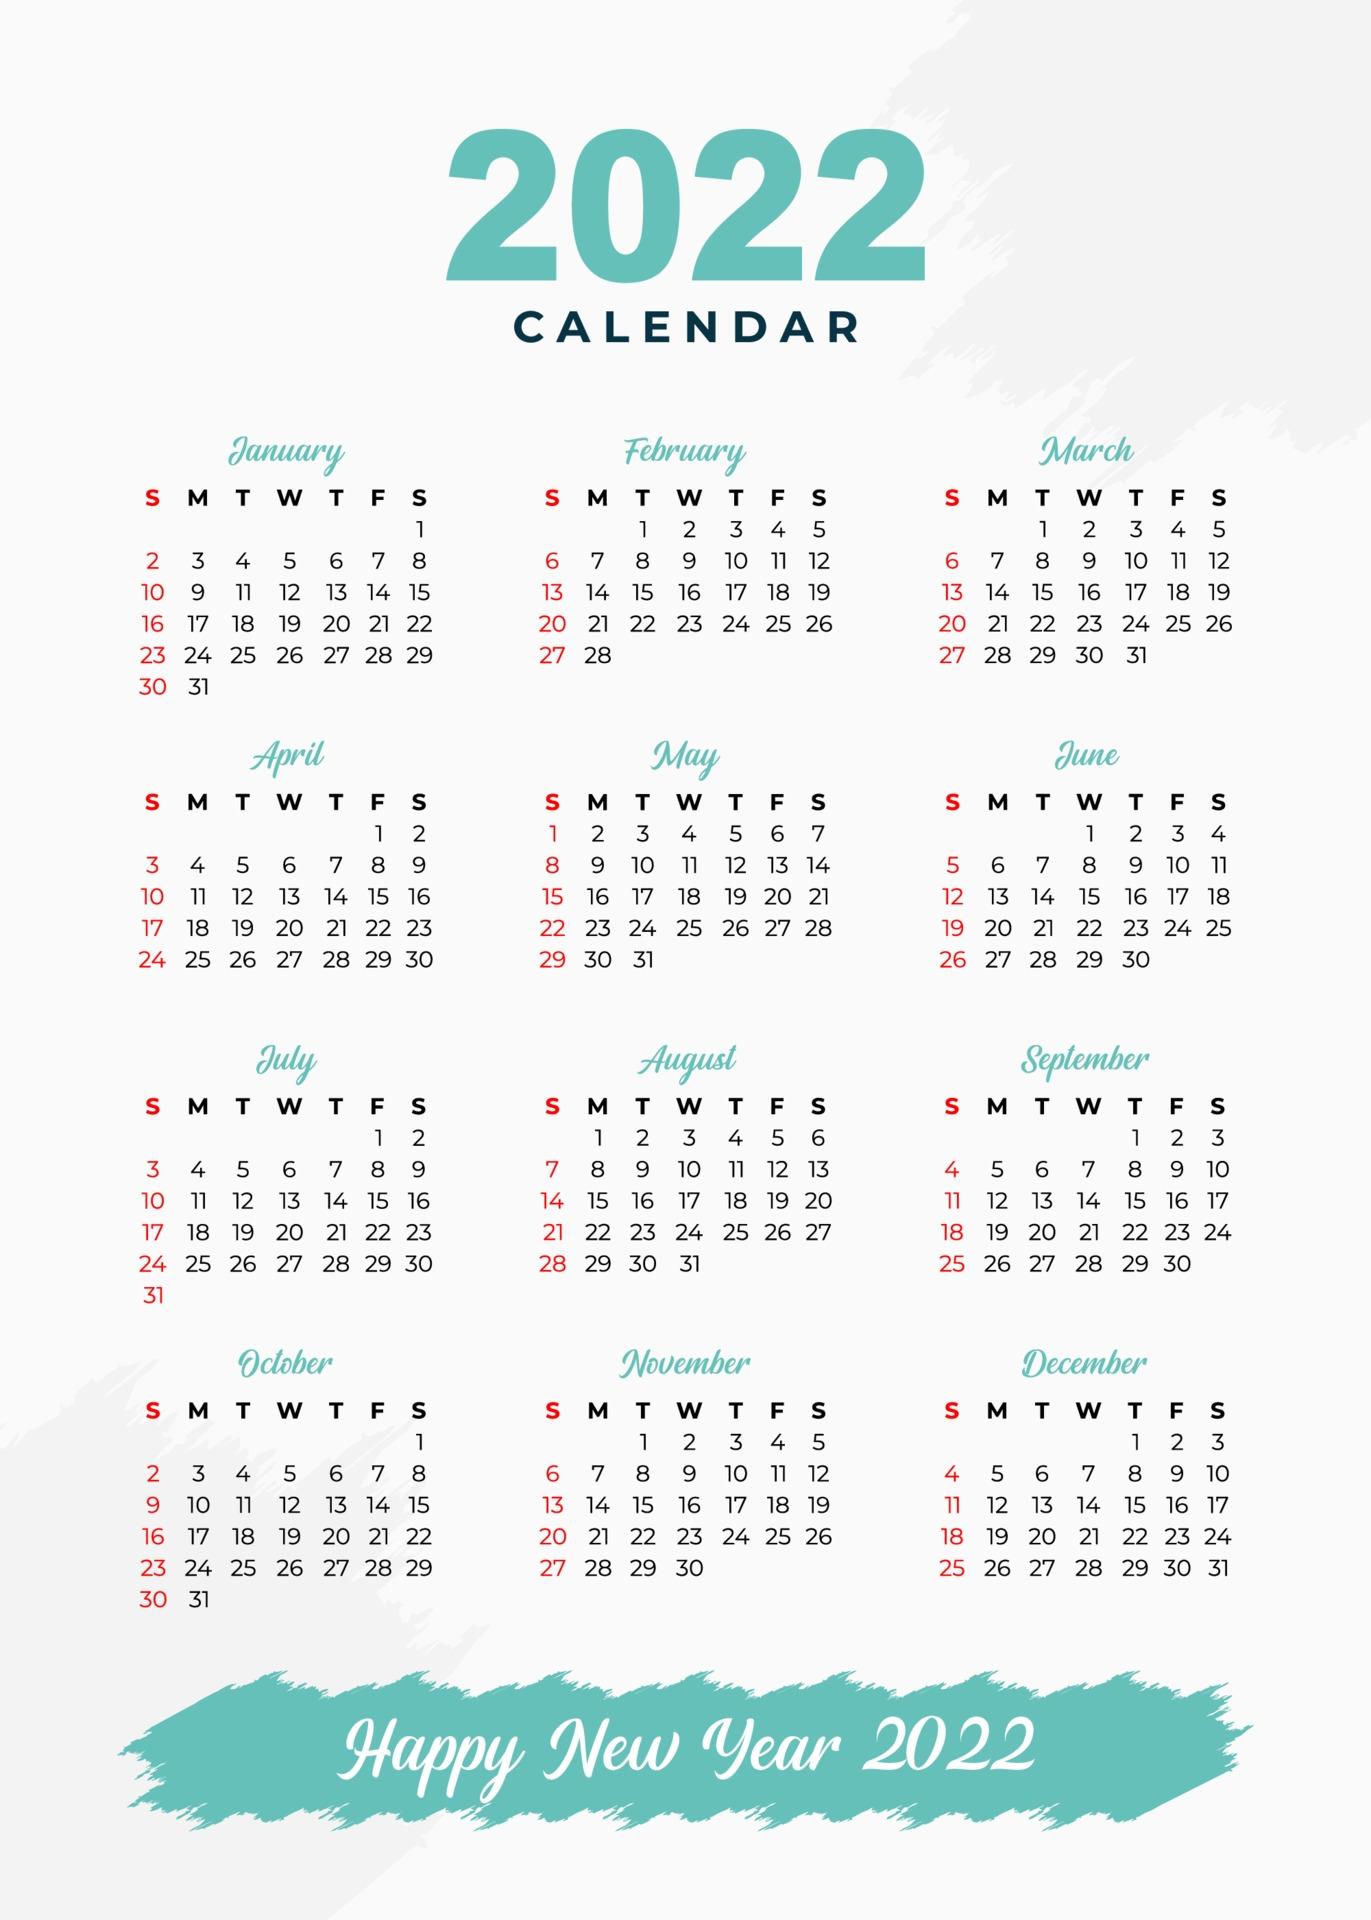 Calendrier 2022 Dessin modèle de calendrier 2022 au design tout simplement élégant